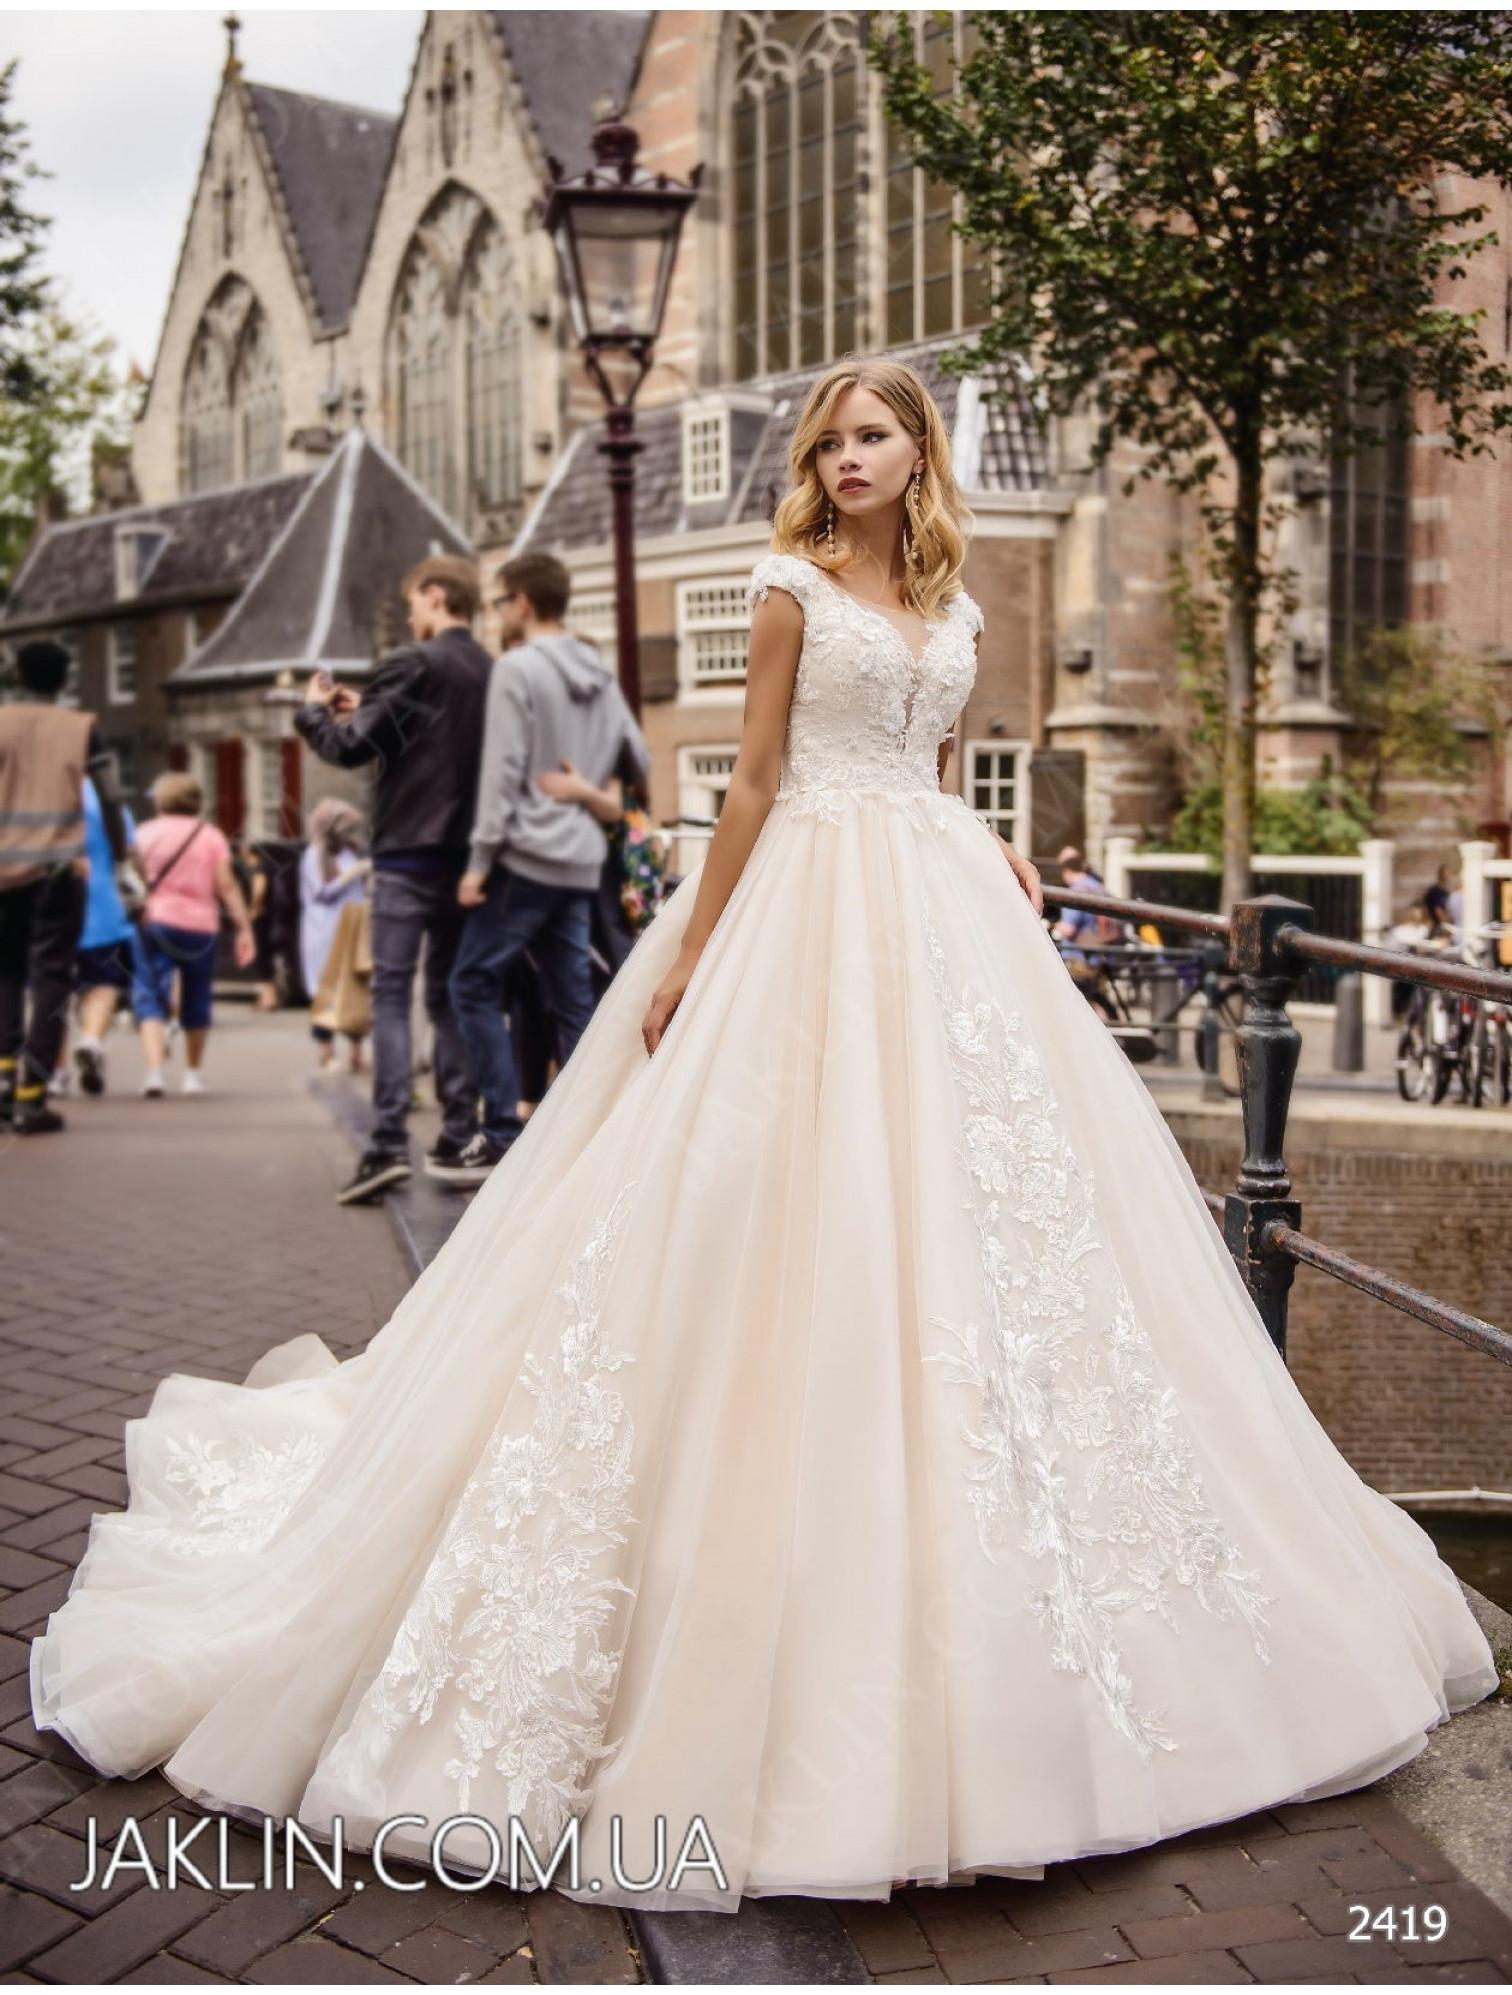 Весільна сукня 2419